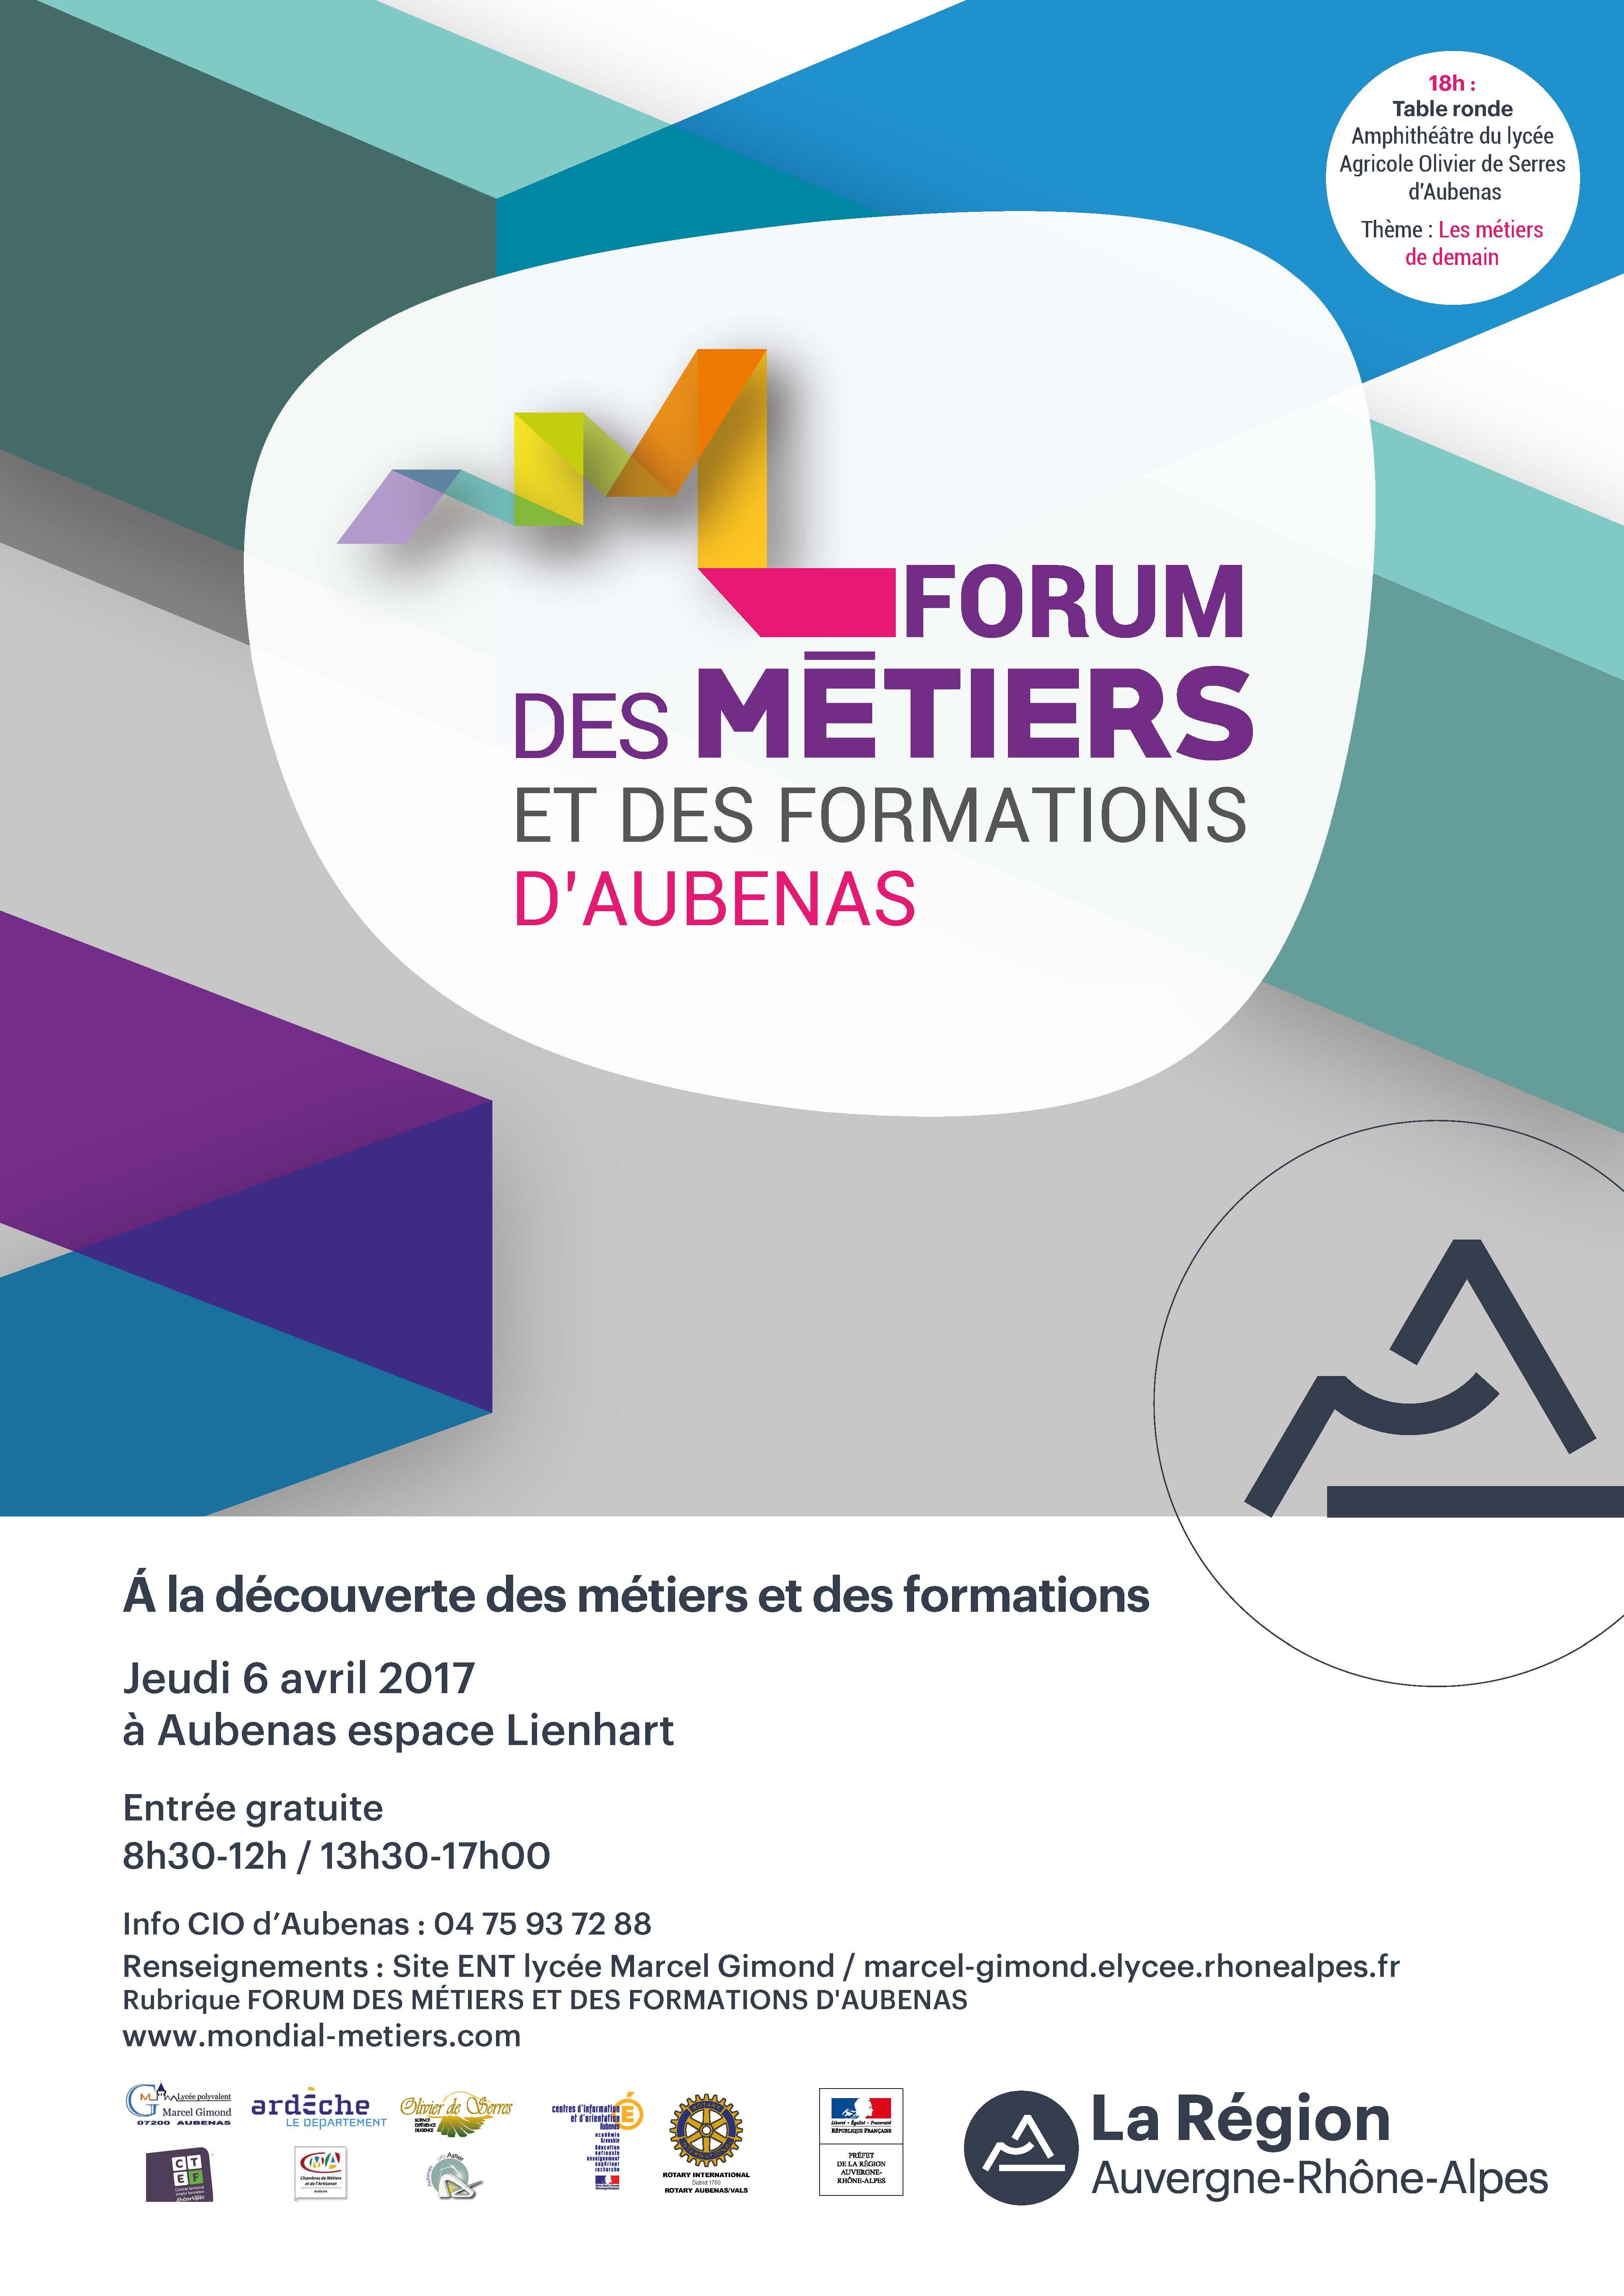 Le forum des Métiers d'Aubenas vous ouvre ses portes...